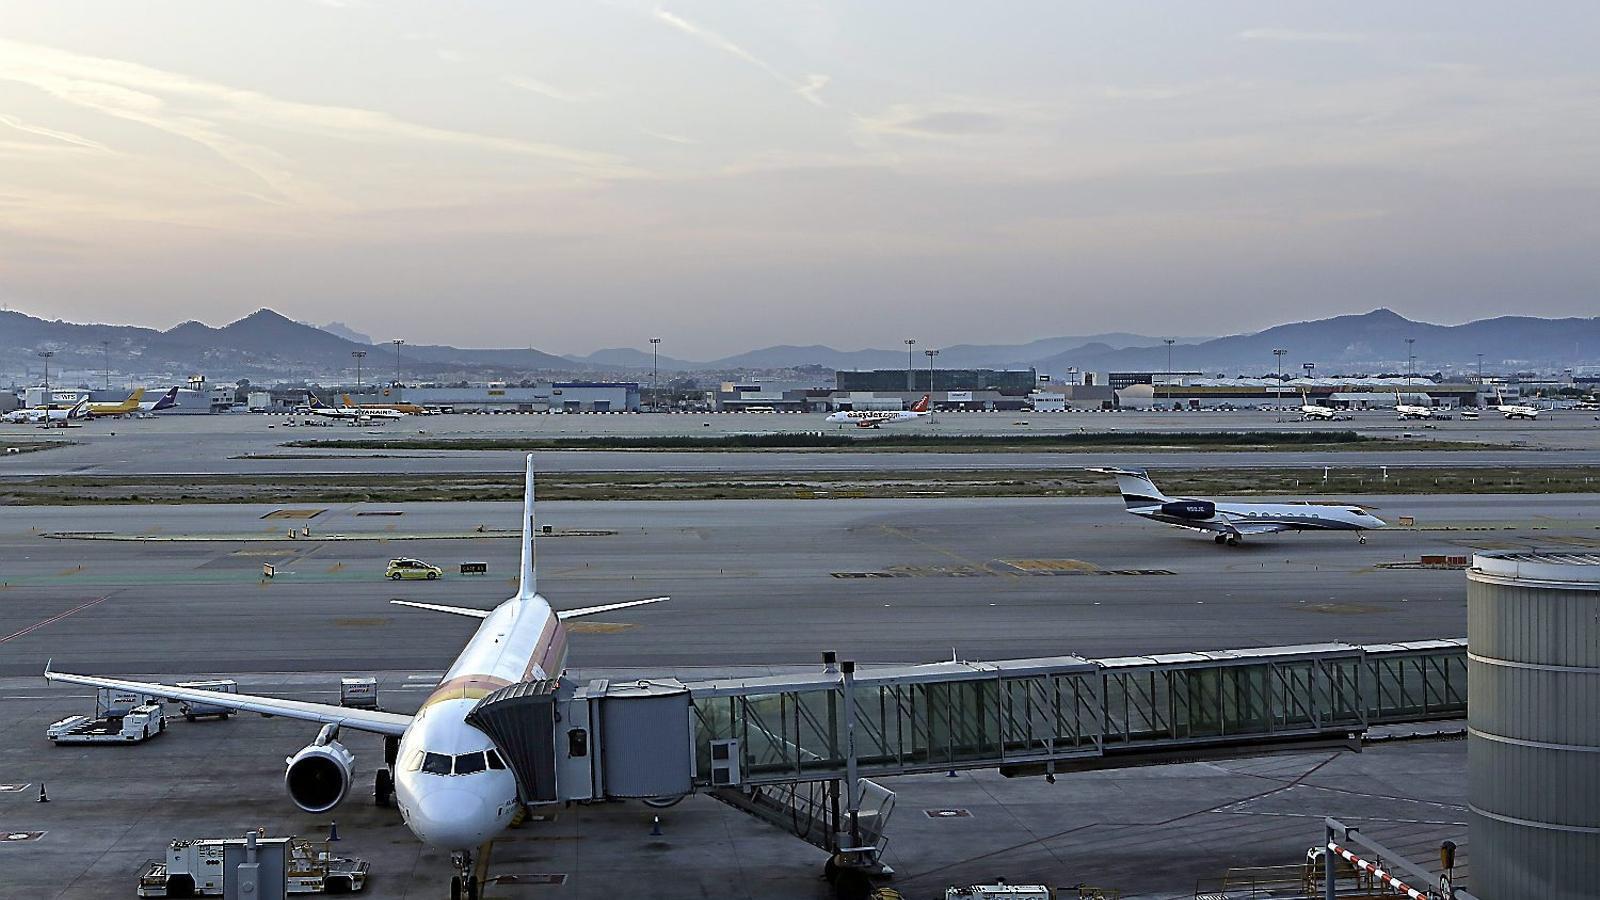 Iberia duplicarà rutes ja existents des de Barcelona i afegirà un vol a Punta Cana